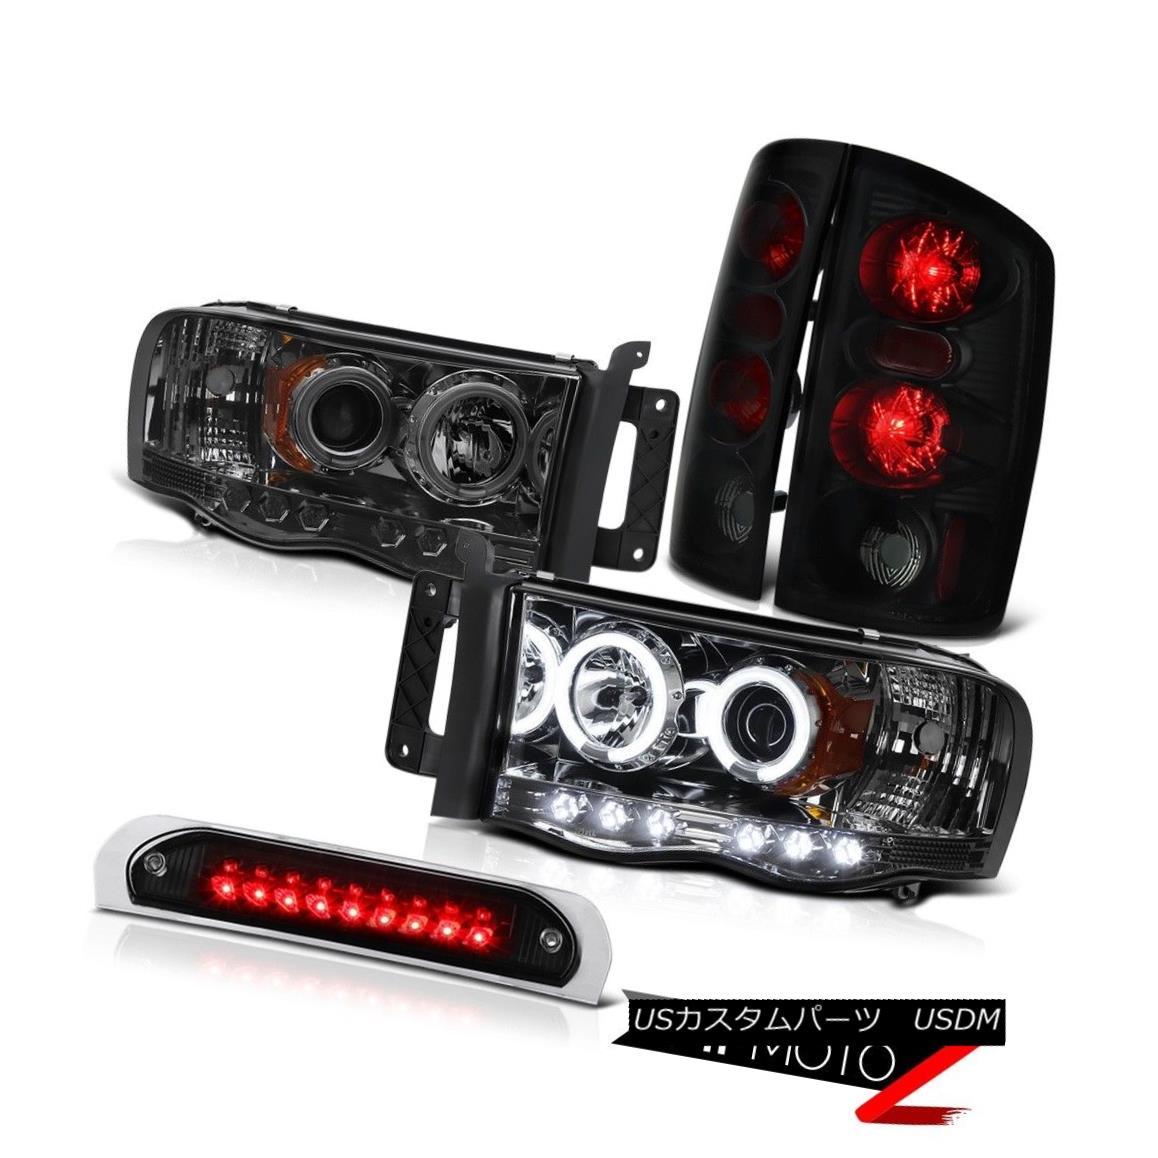 テールライト CCFL Projector Headlights Smoke+Black Tail Lights Black 3RD LED 02-04 05 Ram ST CCFLプロジェクターヘッドライトスモーク+ブラックテールライトブラック3RD LED 02-04 05ラムST